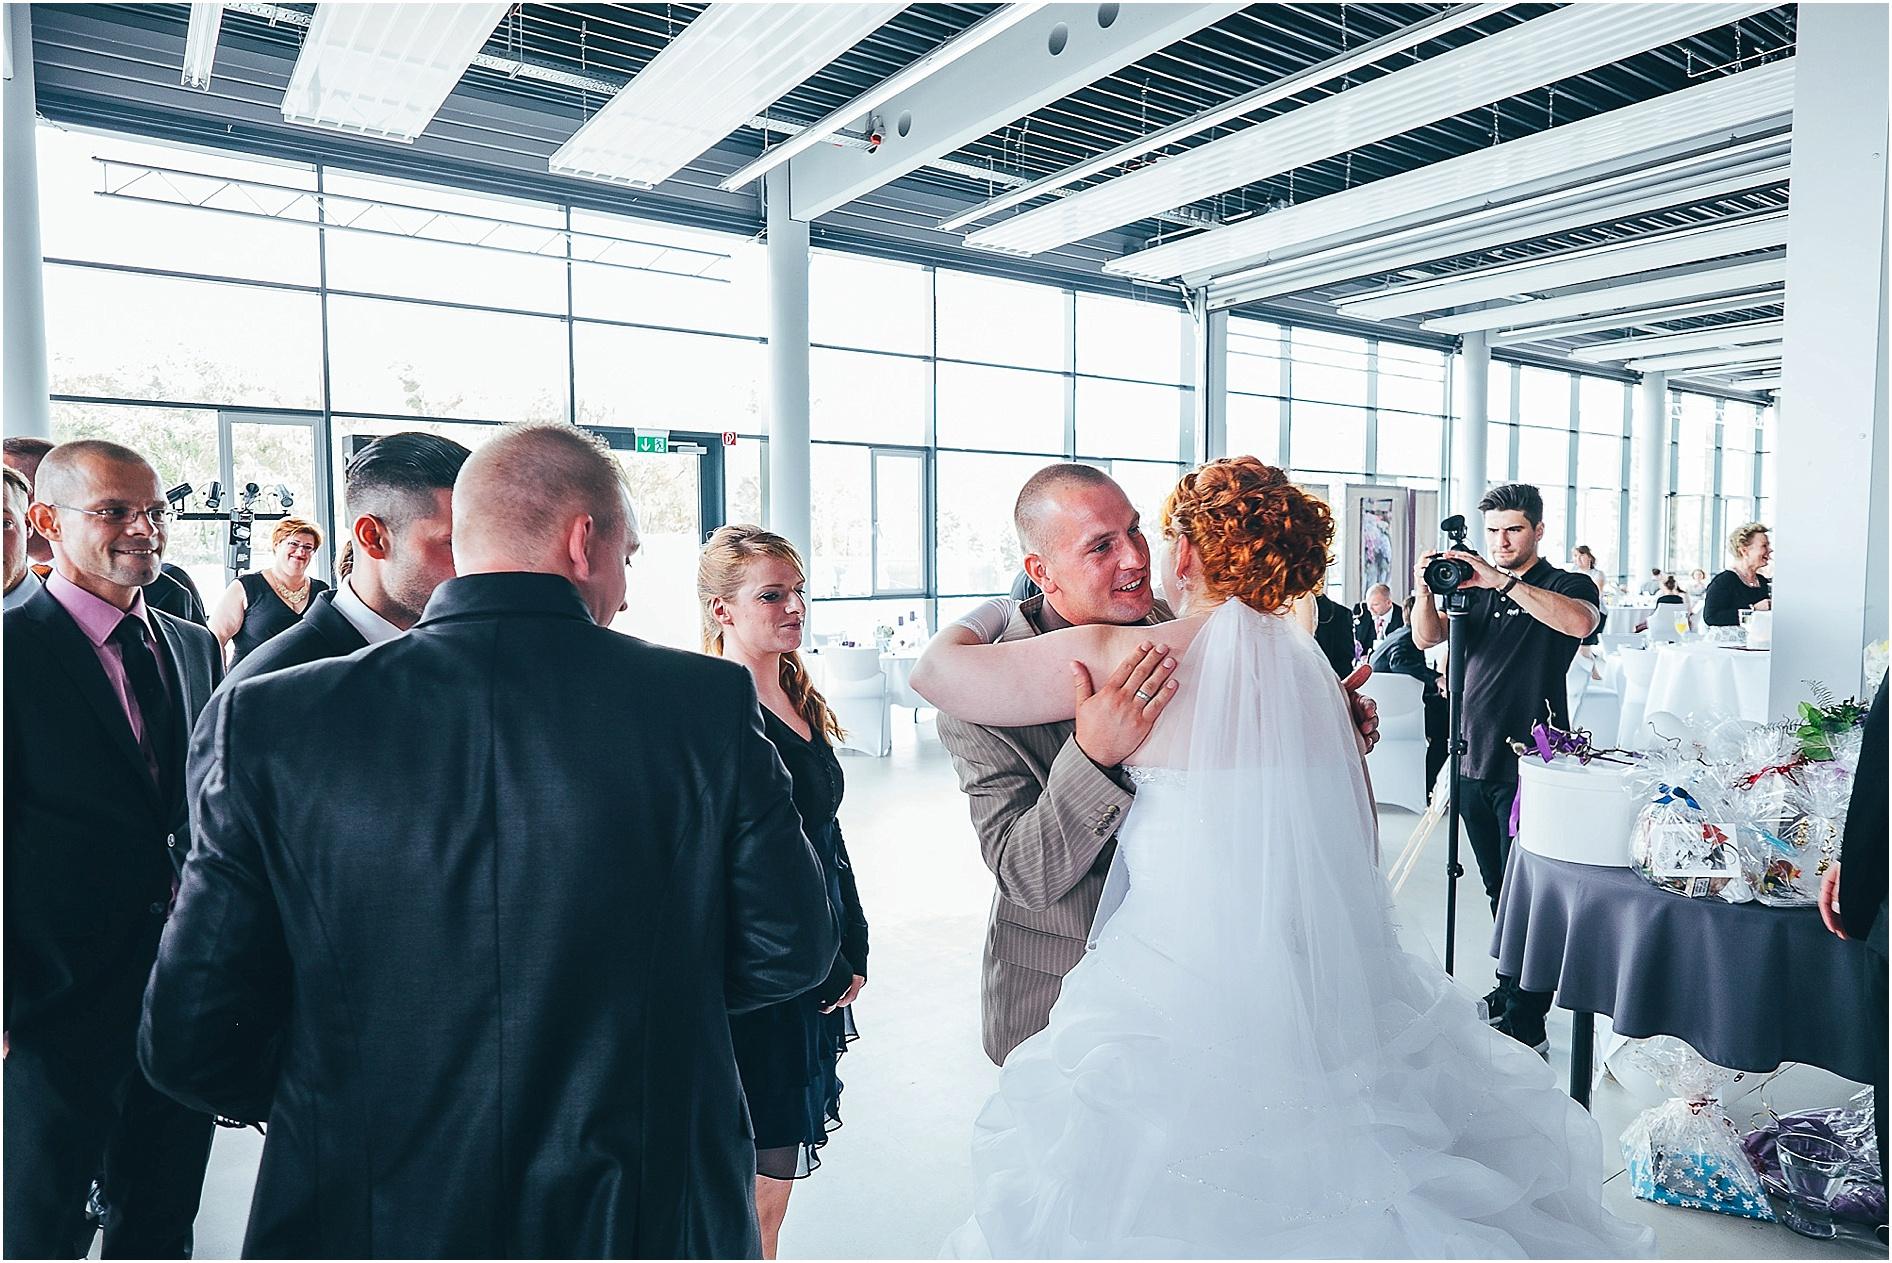 2014-11-20_0098 Lora & Daniel - Als Hochzeitsfotograf in Lüneburg